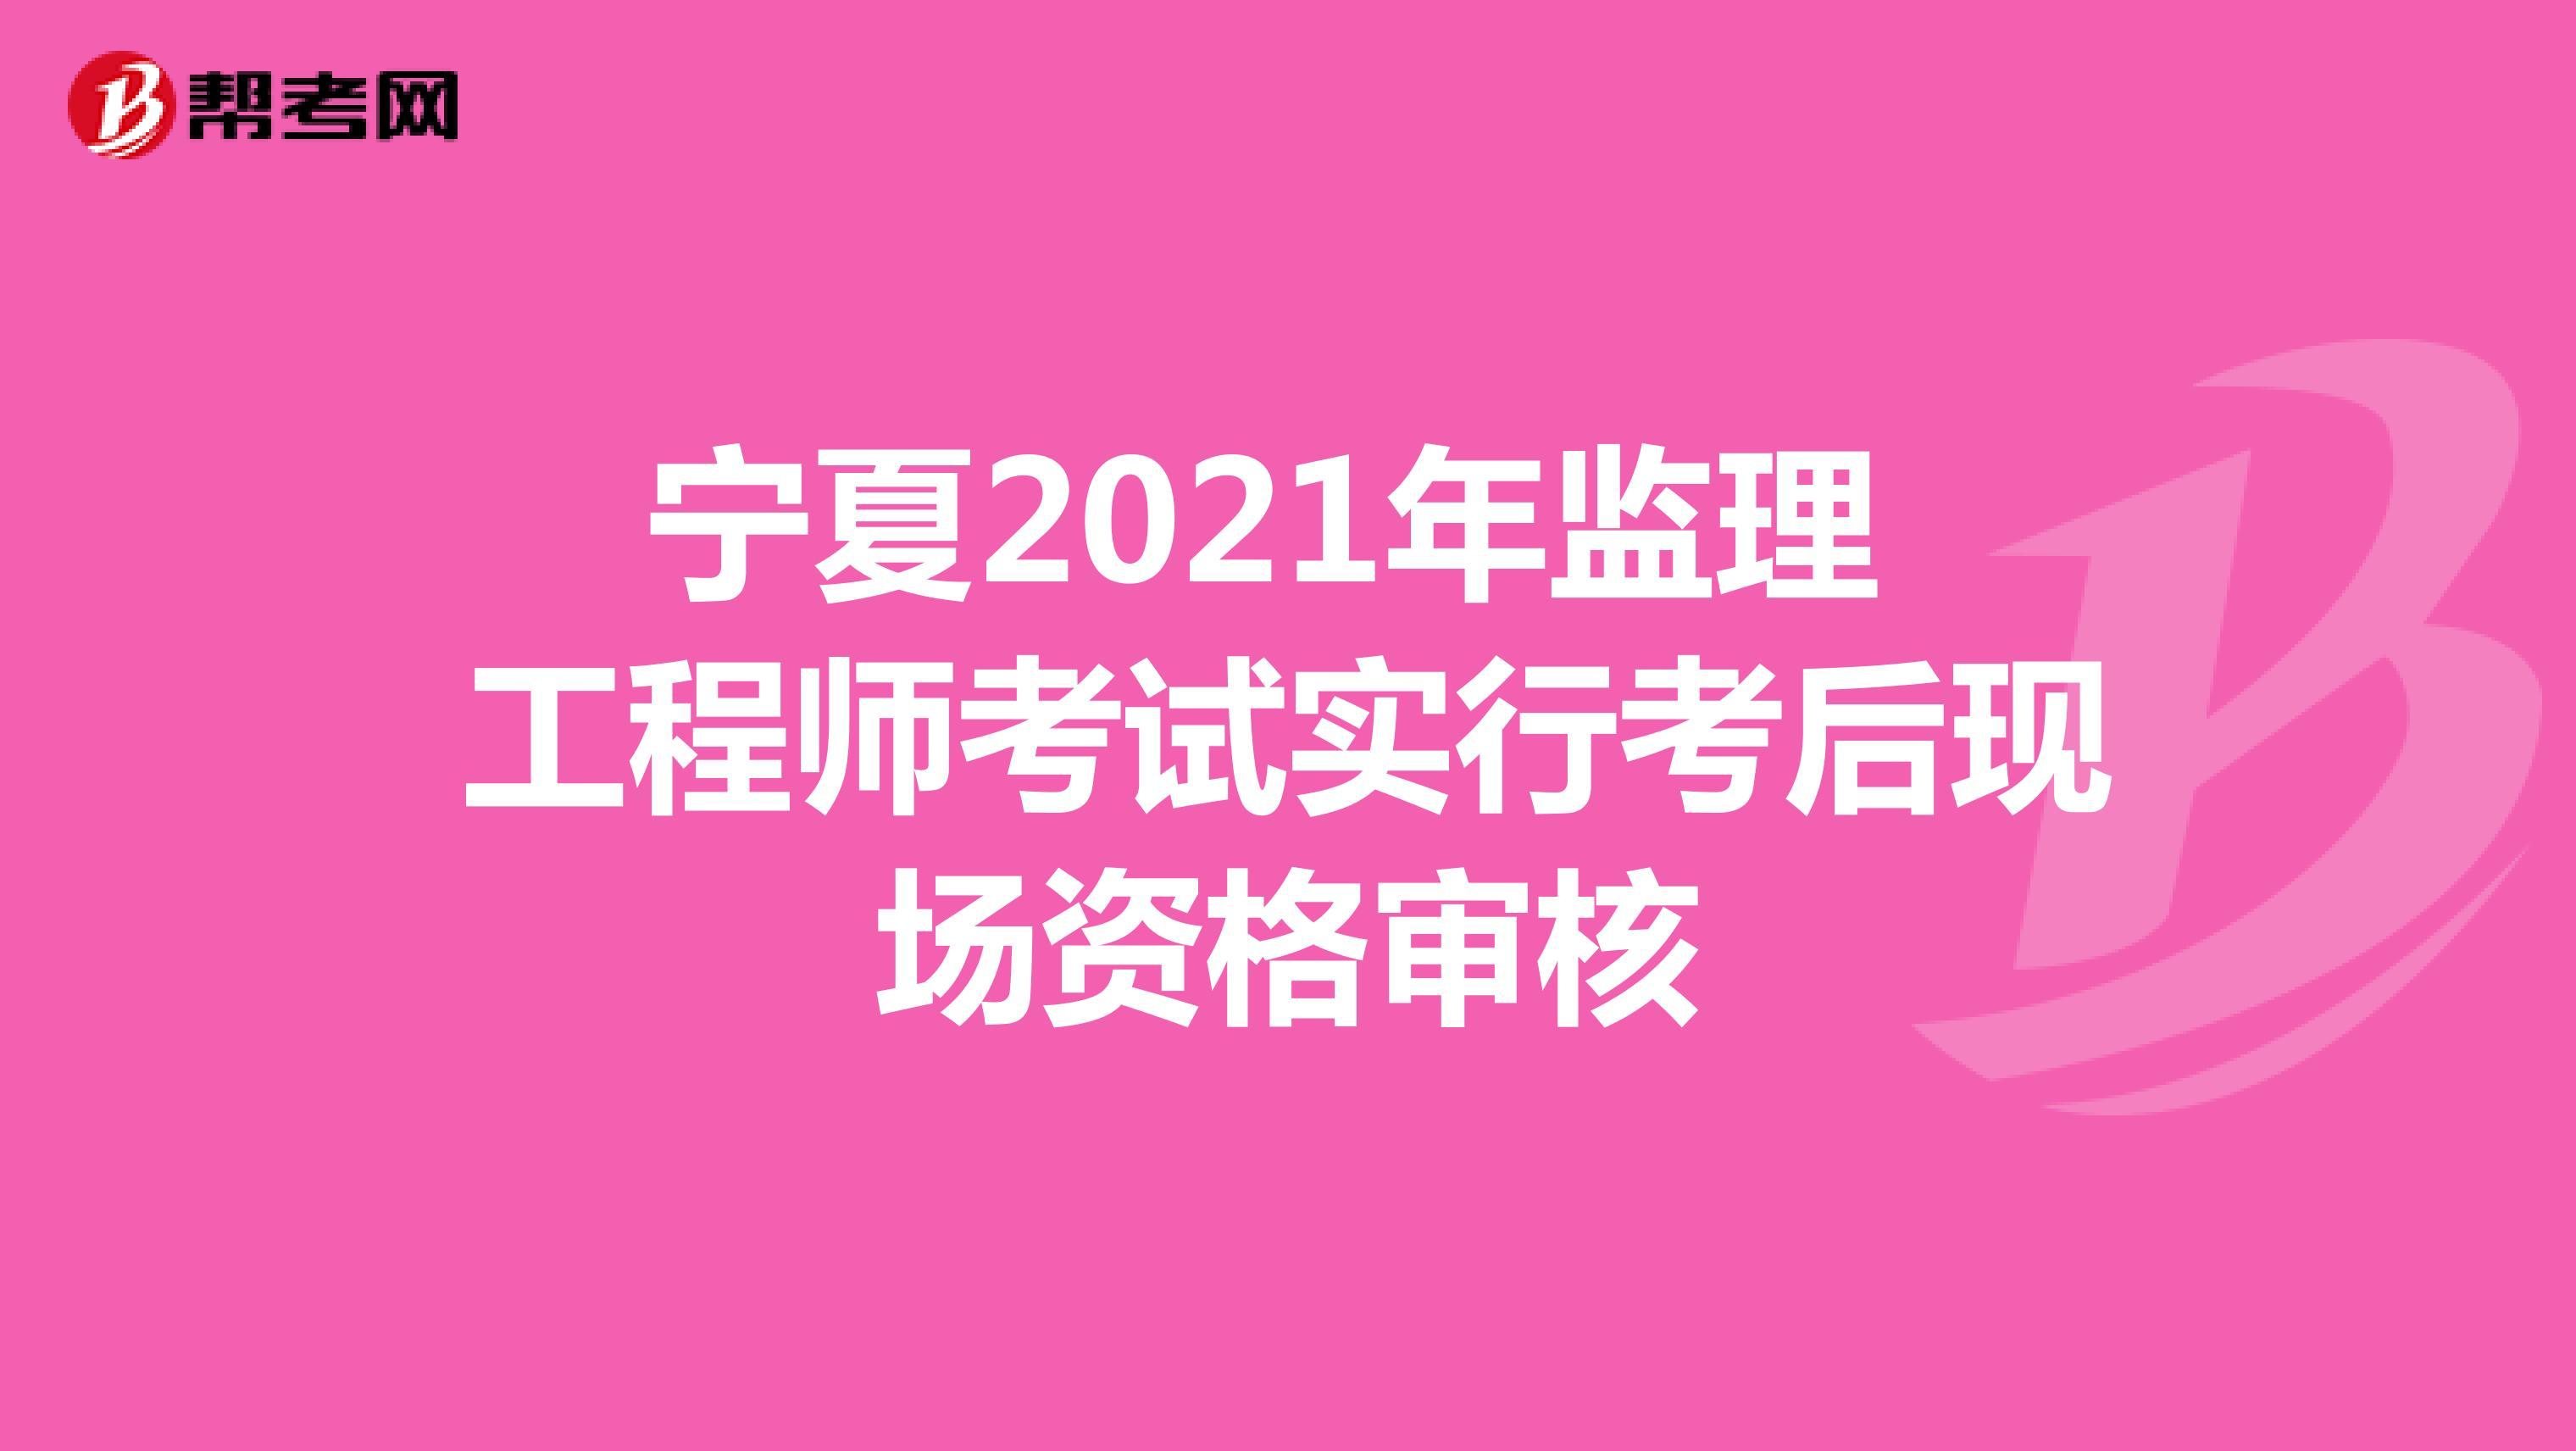 宁夏2021年监理工程师考试实行考后现场资格审核